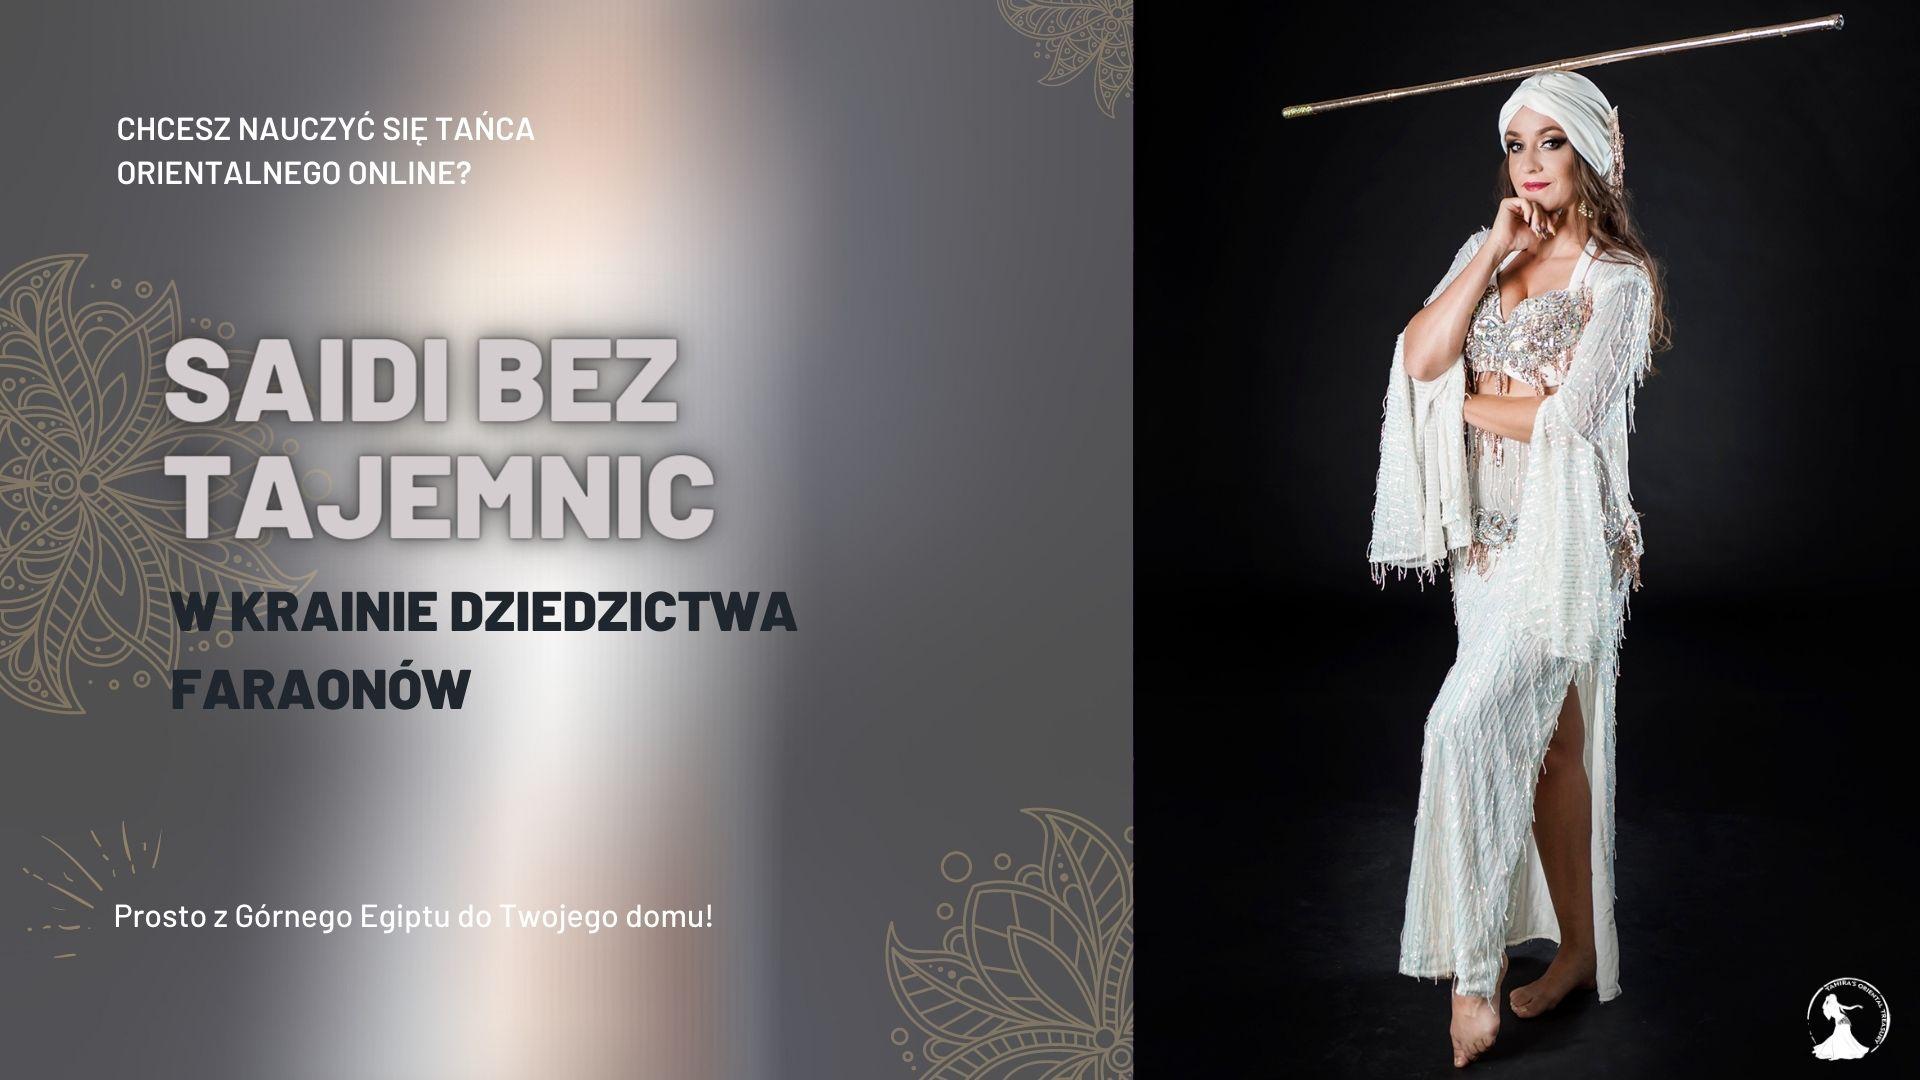 taniec-brzucha-online-kurs-saidi